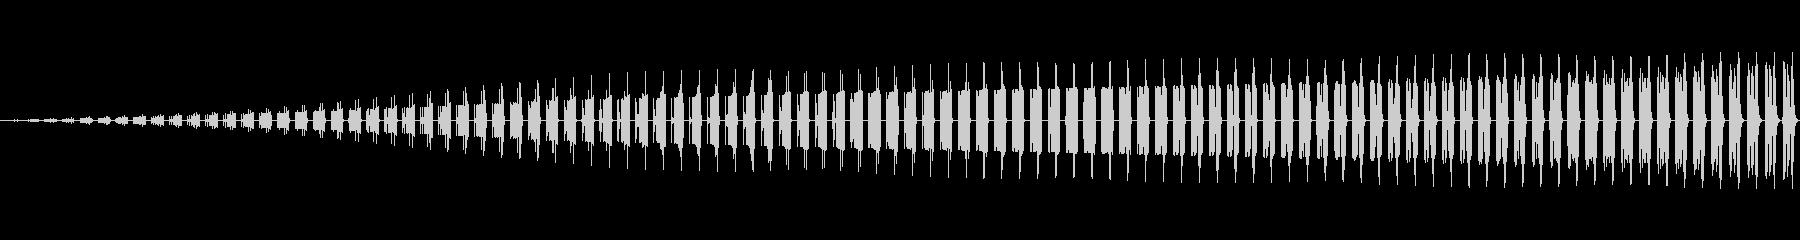 ブー(警告/危険/ワープ/8ビット/特殊の未再生の波形